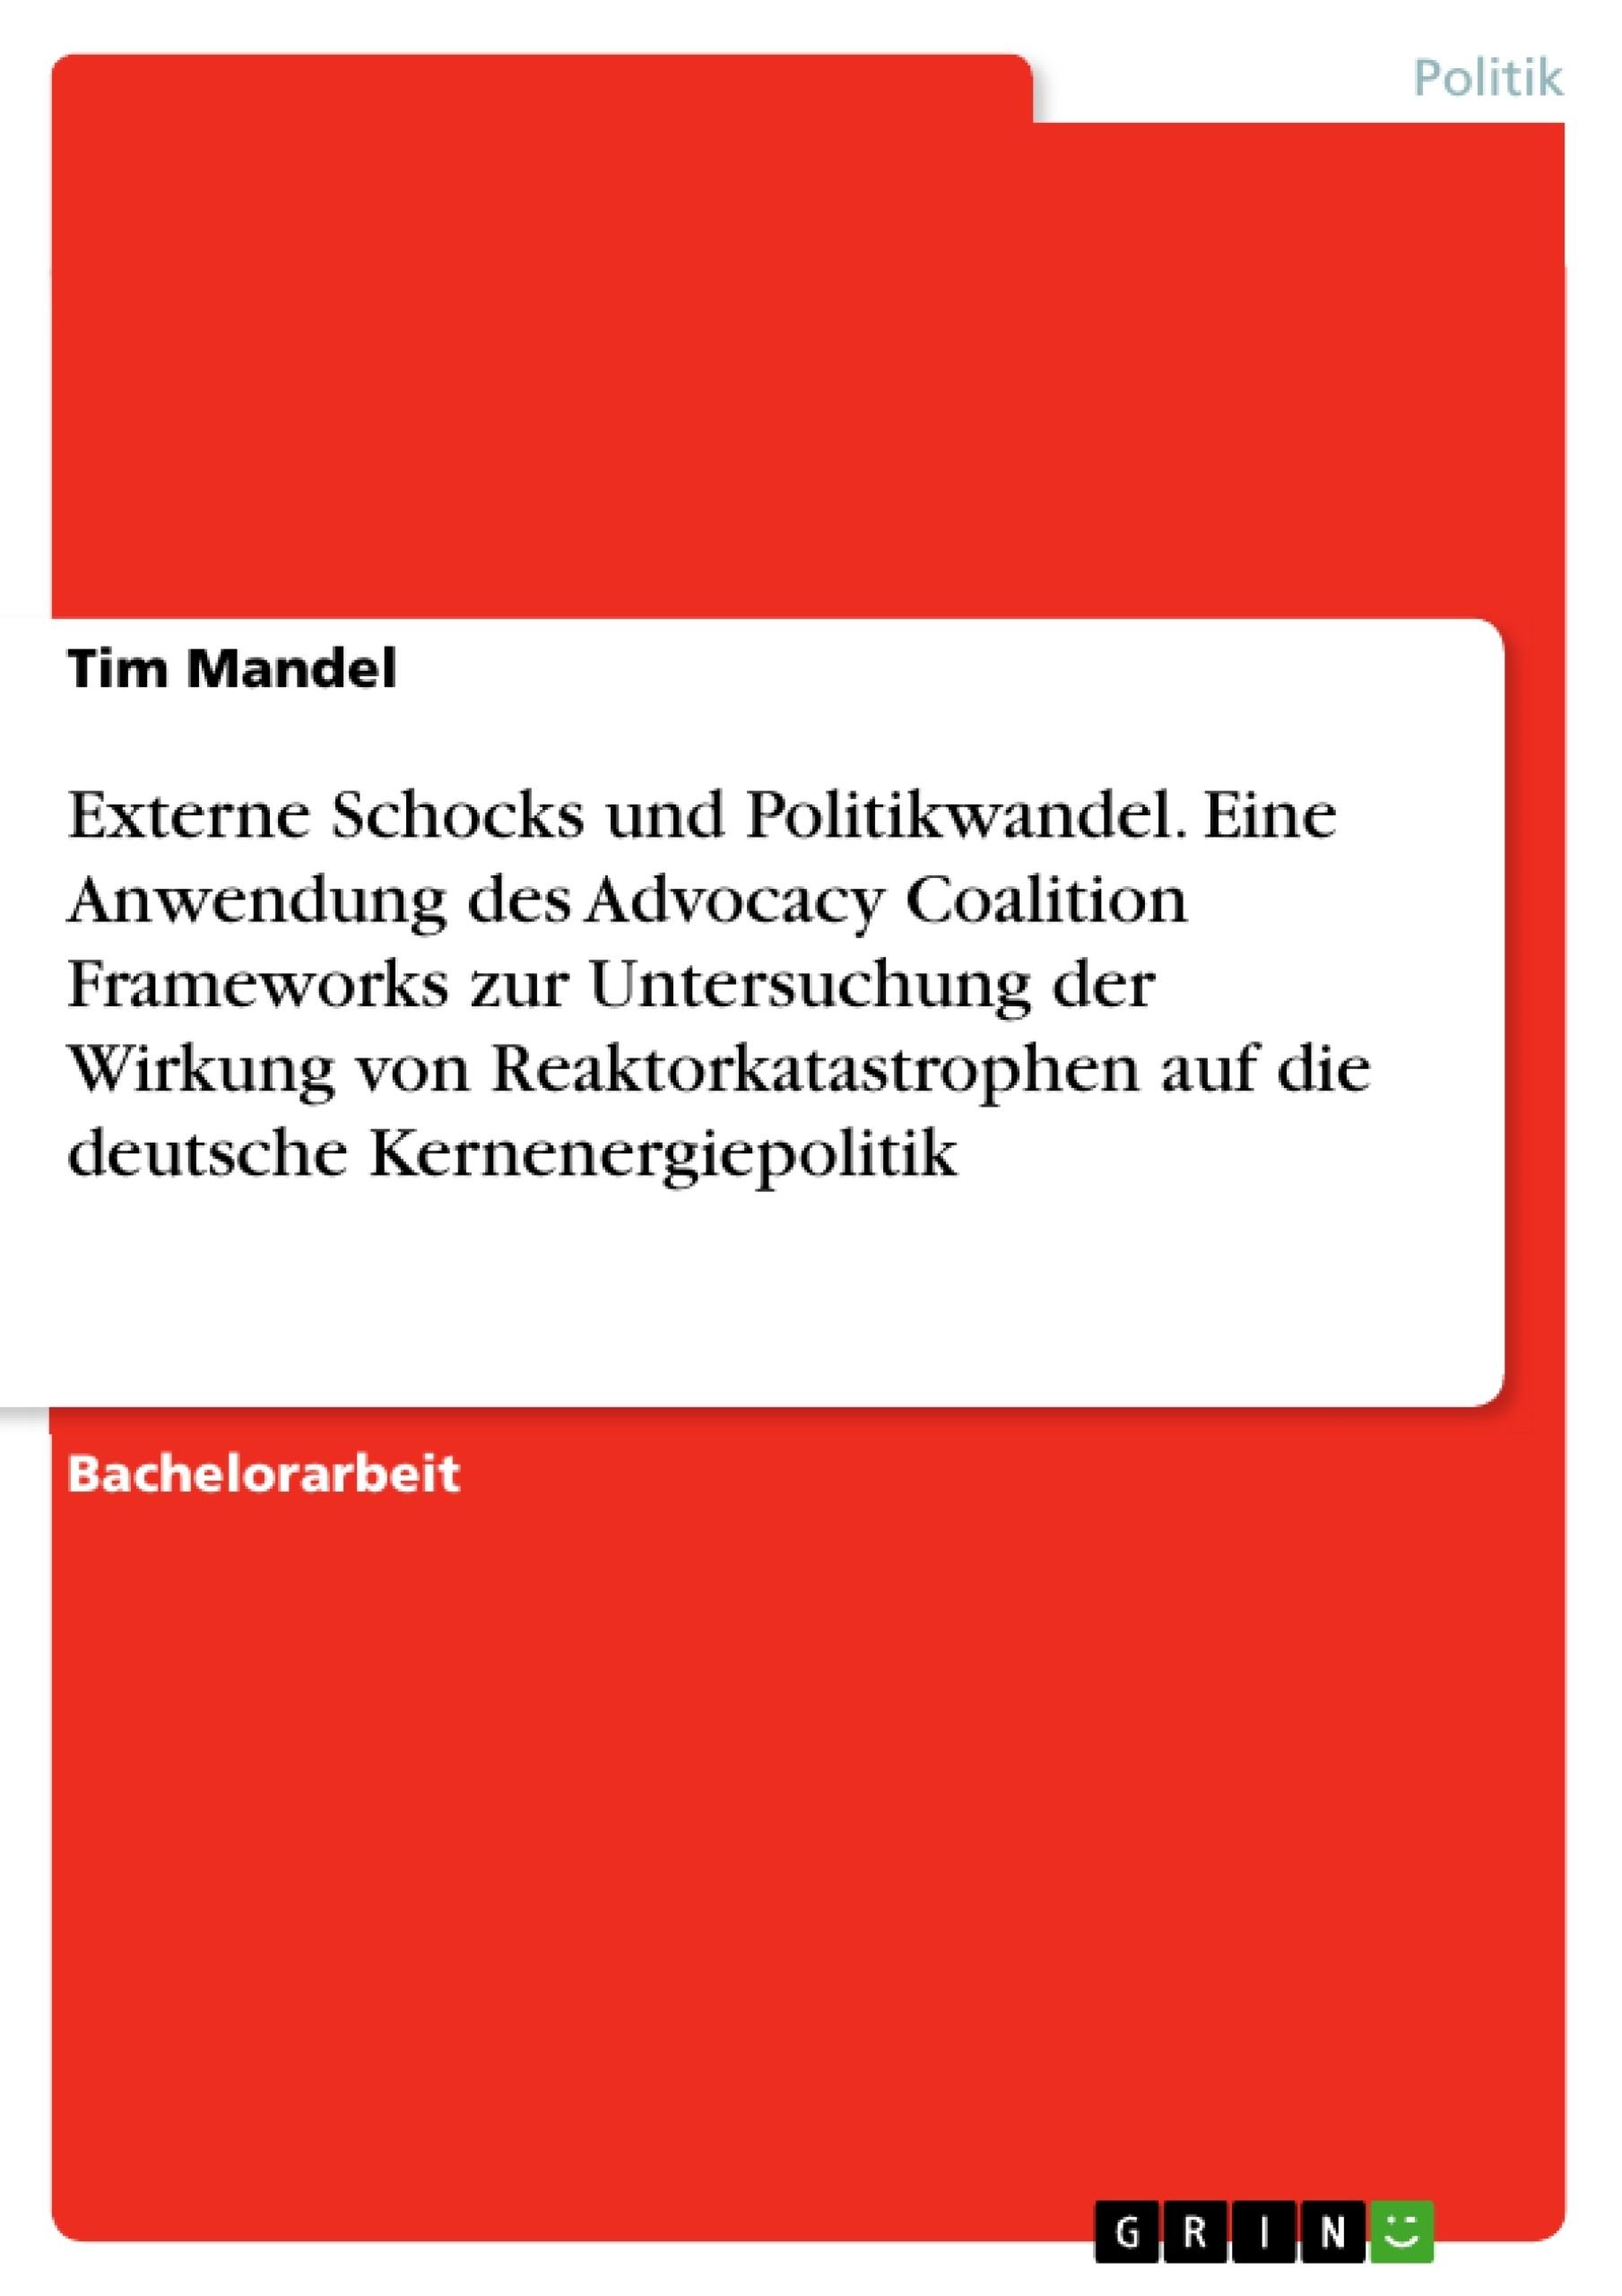 Titel: Externe Schocks und Politikwandel. Eine Anwendung des Advocacy Coalition Frameworks zur Untersuchung der Wirkung von Reaktorkatastrophen auf die deutsche Kernenergiepolitik